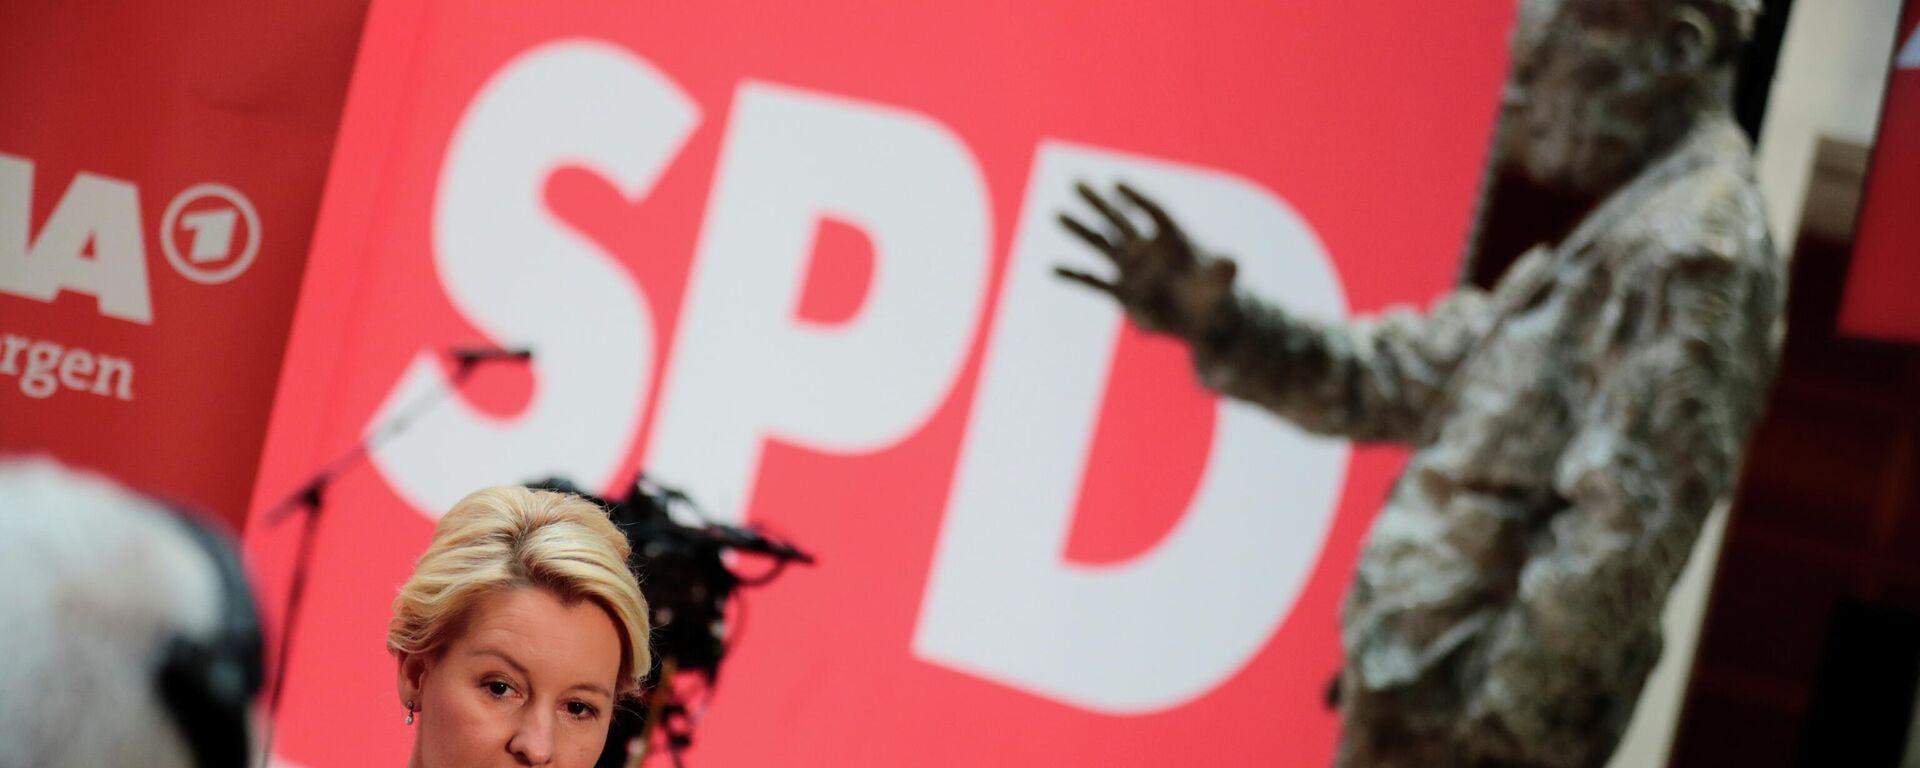 Franziska Giffey, del Partido Socialdemócrata (SPD), durante una entrevista, un día después de las elecciones parlamentarias, en Berlín, Alemania, el 27 de septiembre de 2021 - Sputnik Mundo, 1920, 27.09.2021